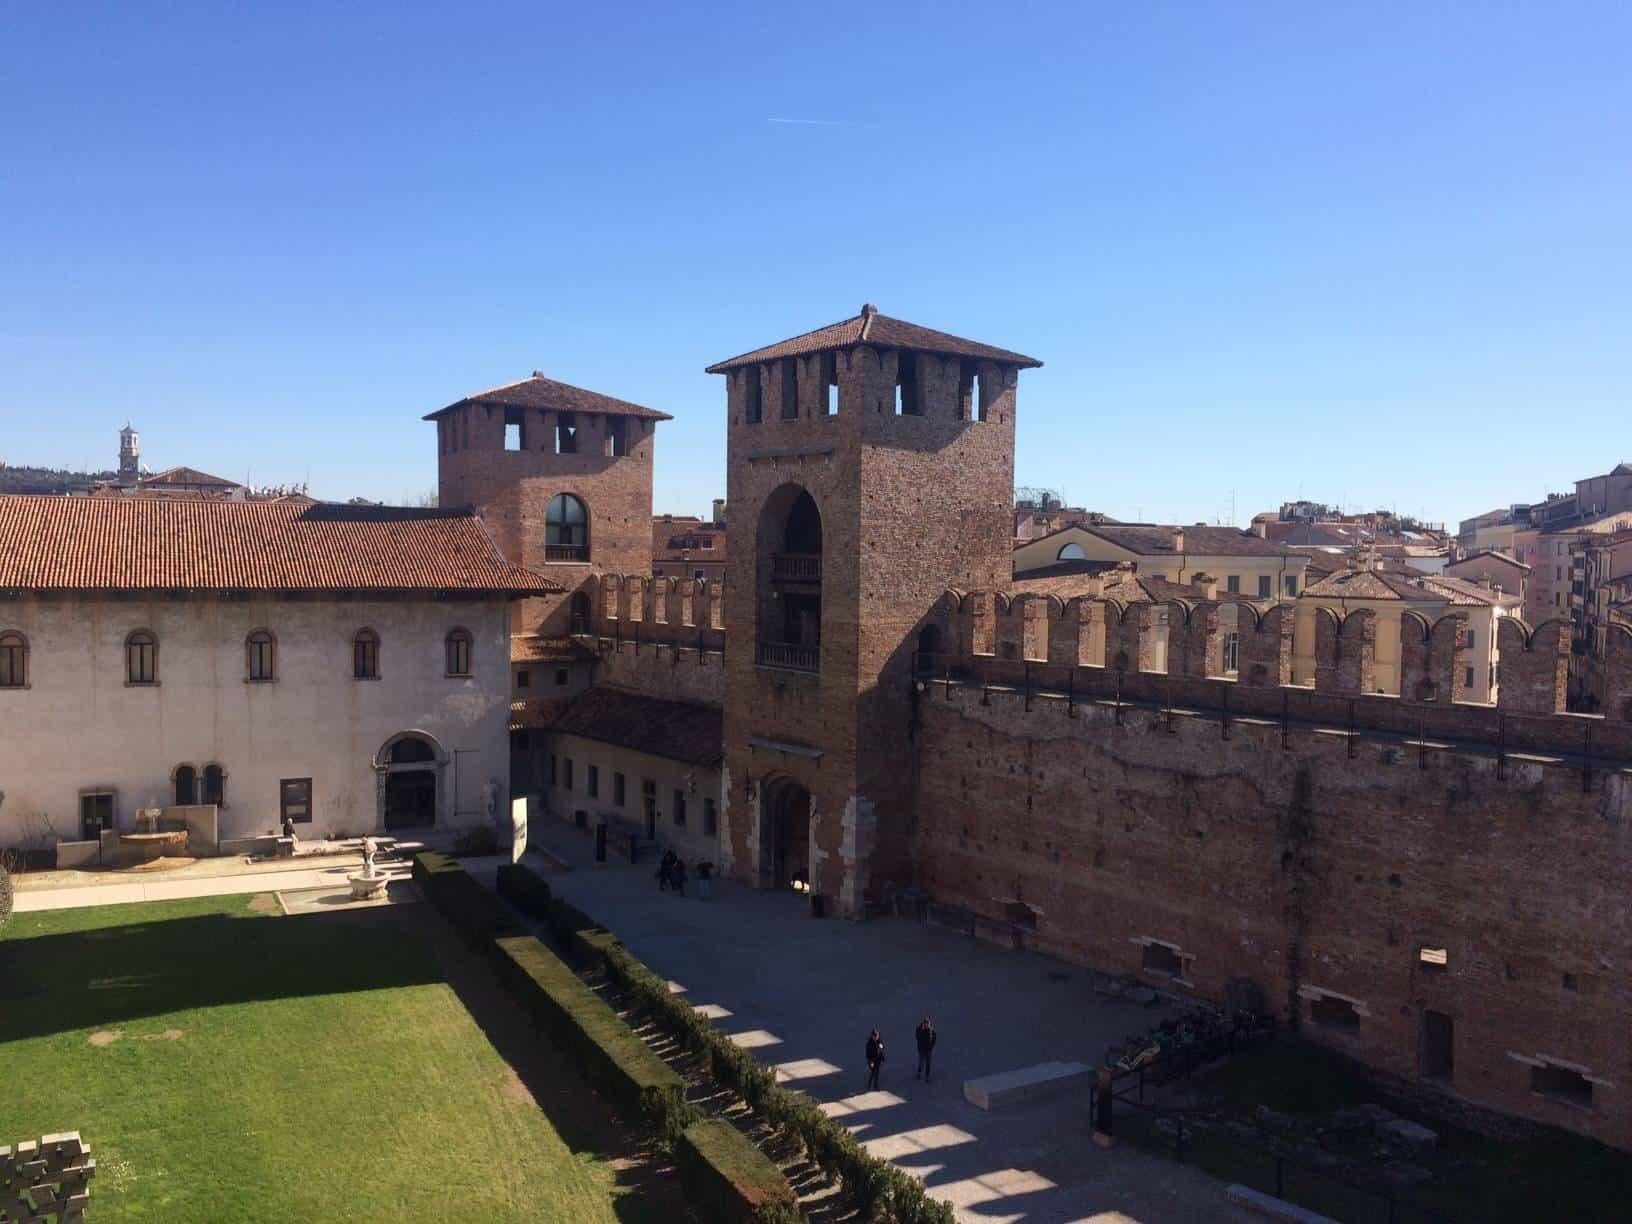 View of Castlevecchio in Verona